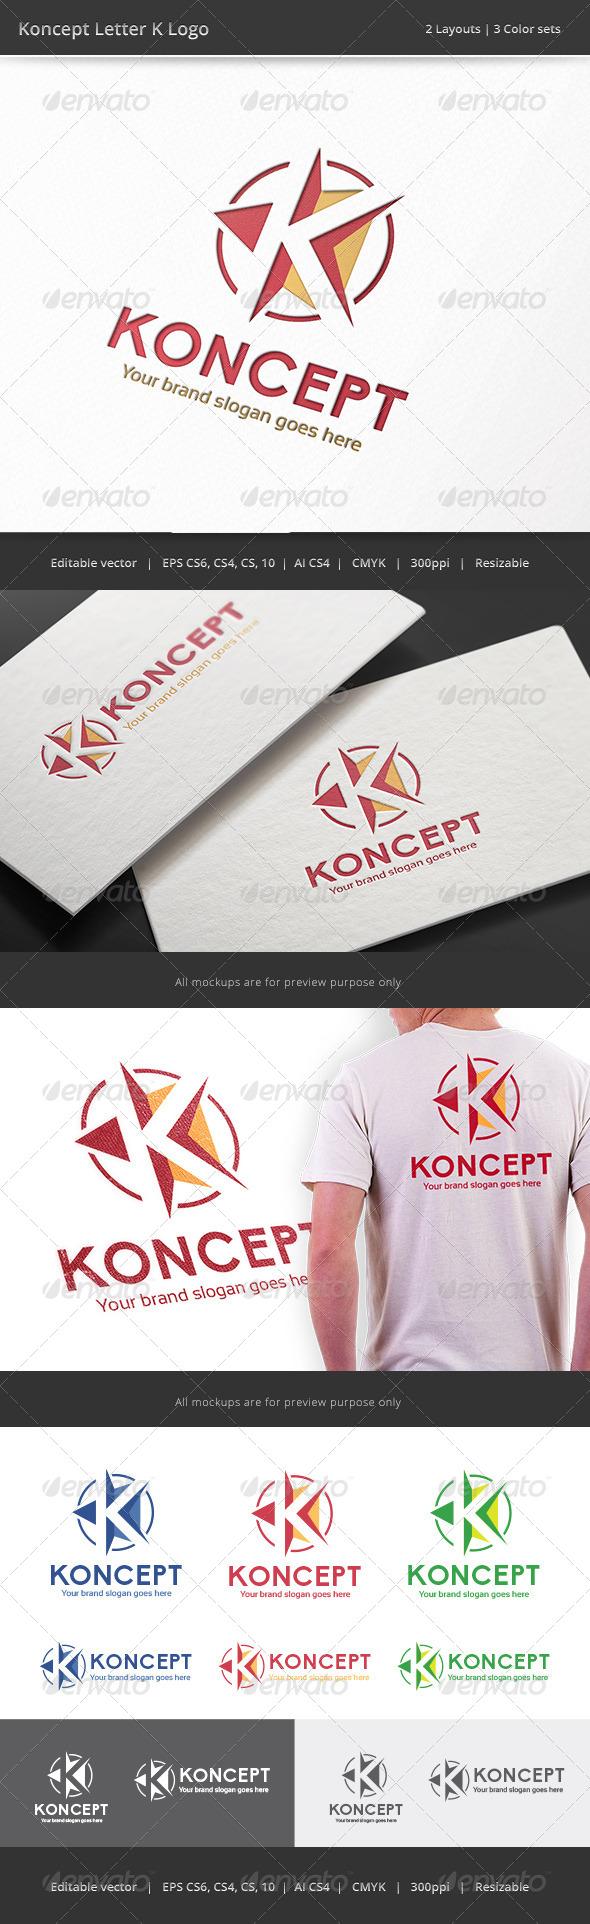 GraphicRiver Koncept Letter K Logo 8207849